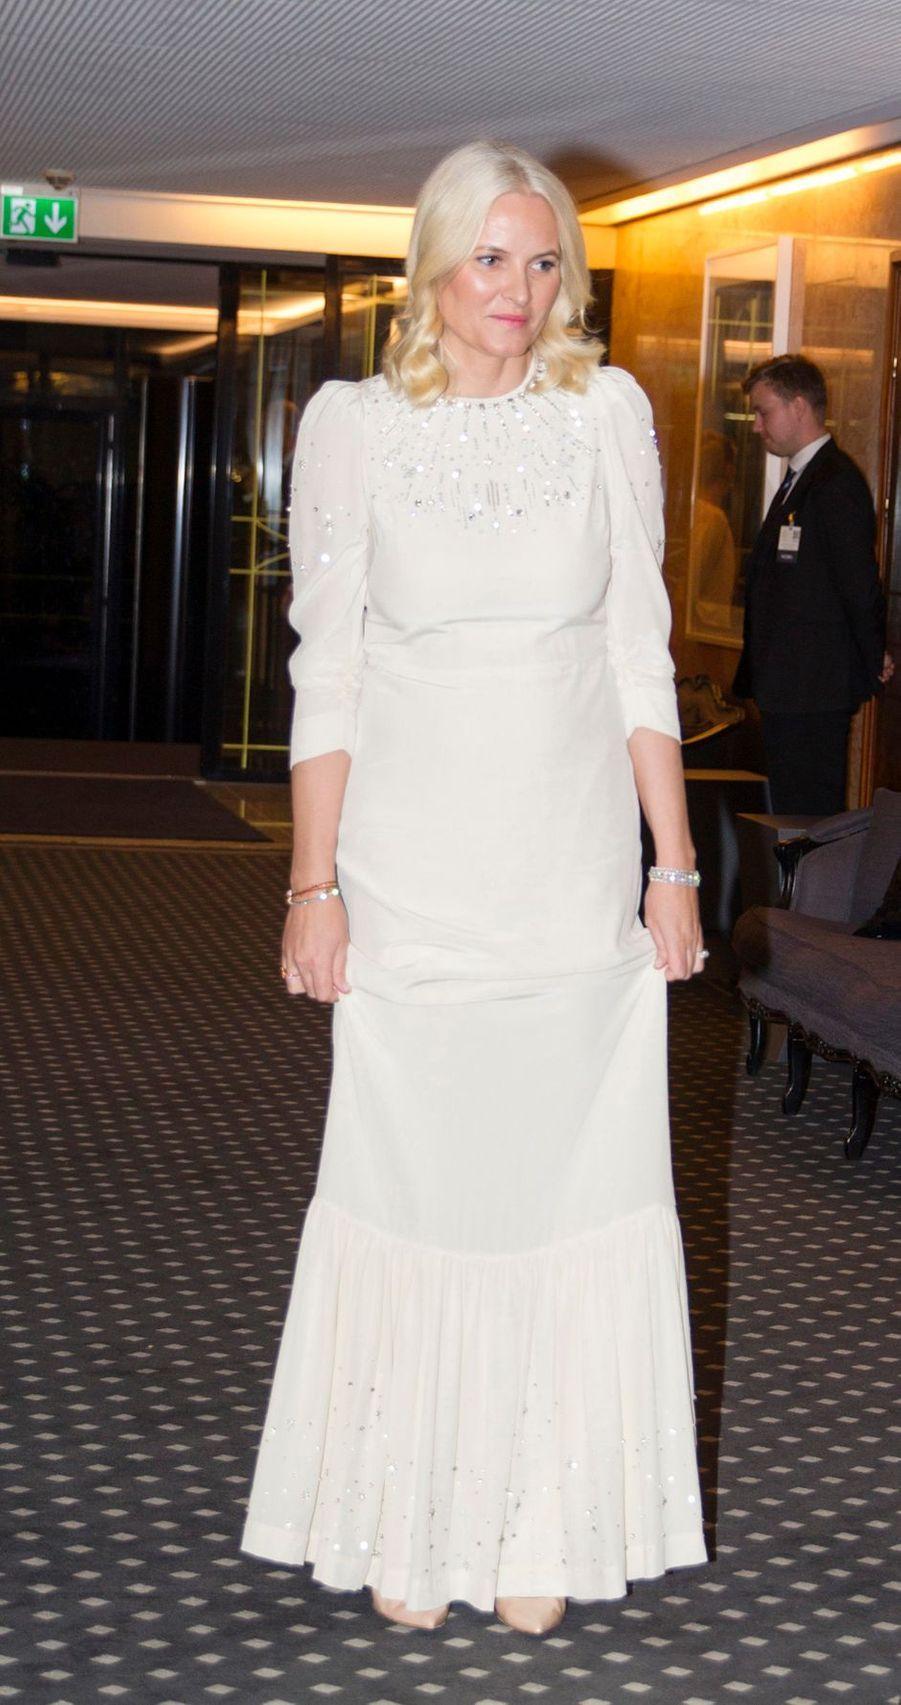 La princesse Mette-Marit de Norvège à Oslo, le 10 décembre 2019